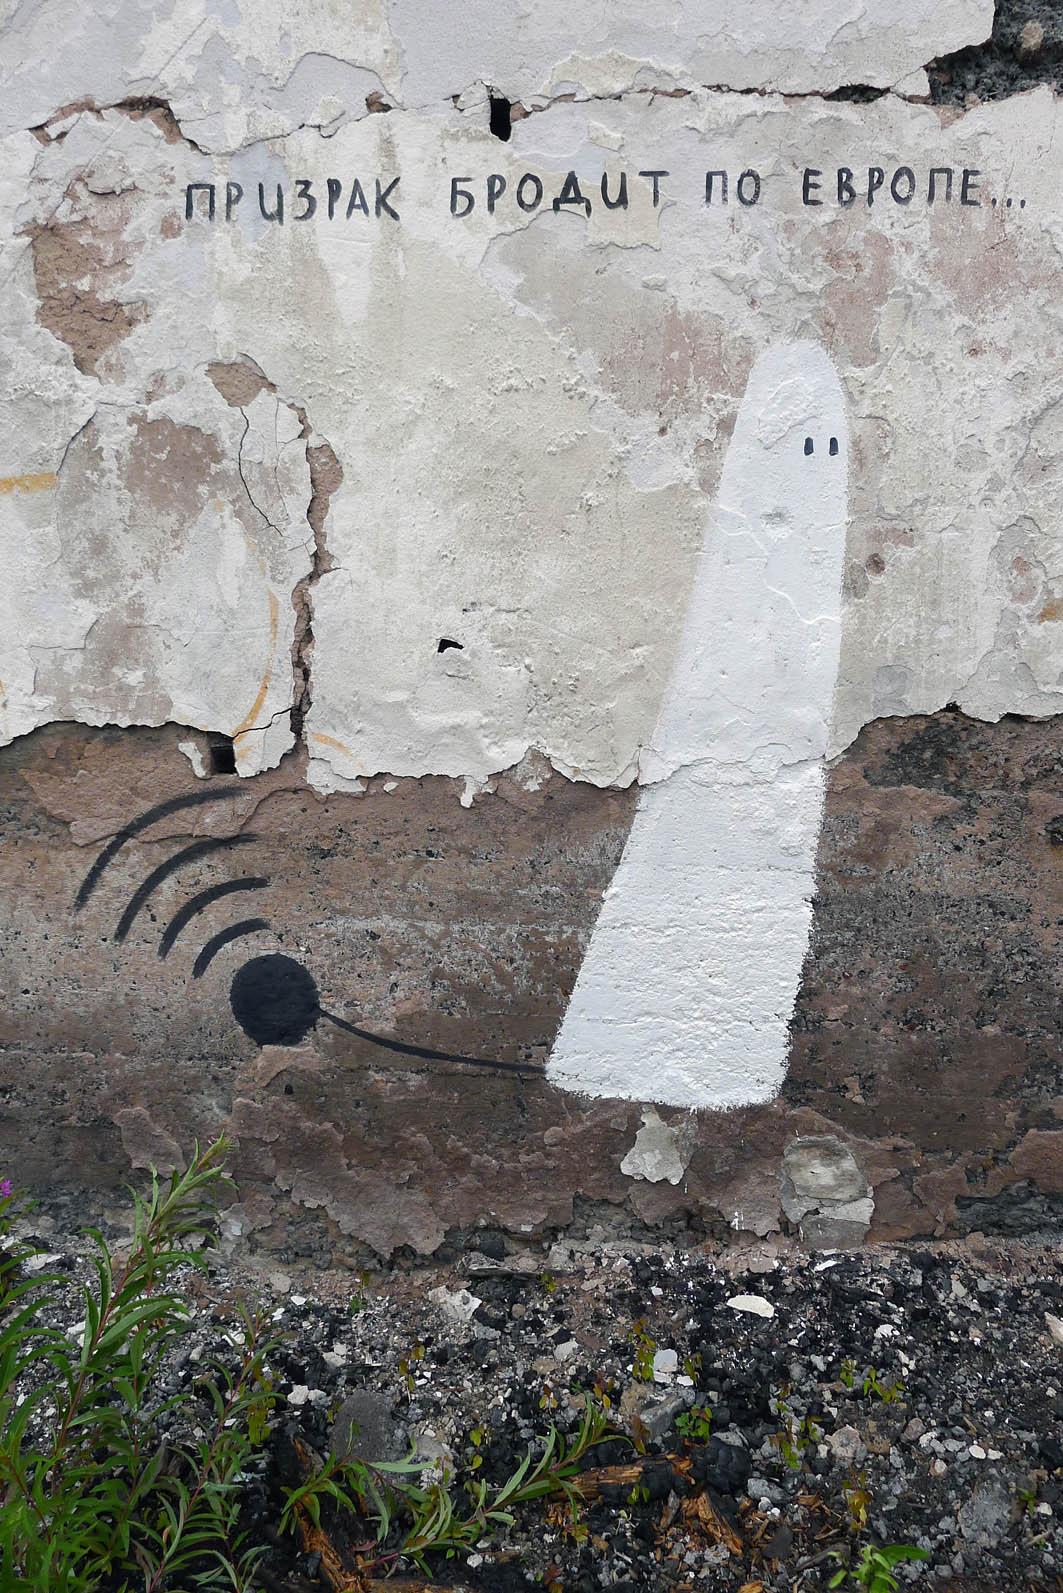 escif-new-murals-in-st-petersburg-russia-03